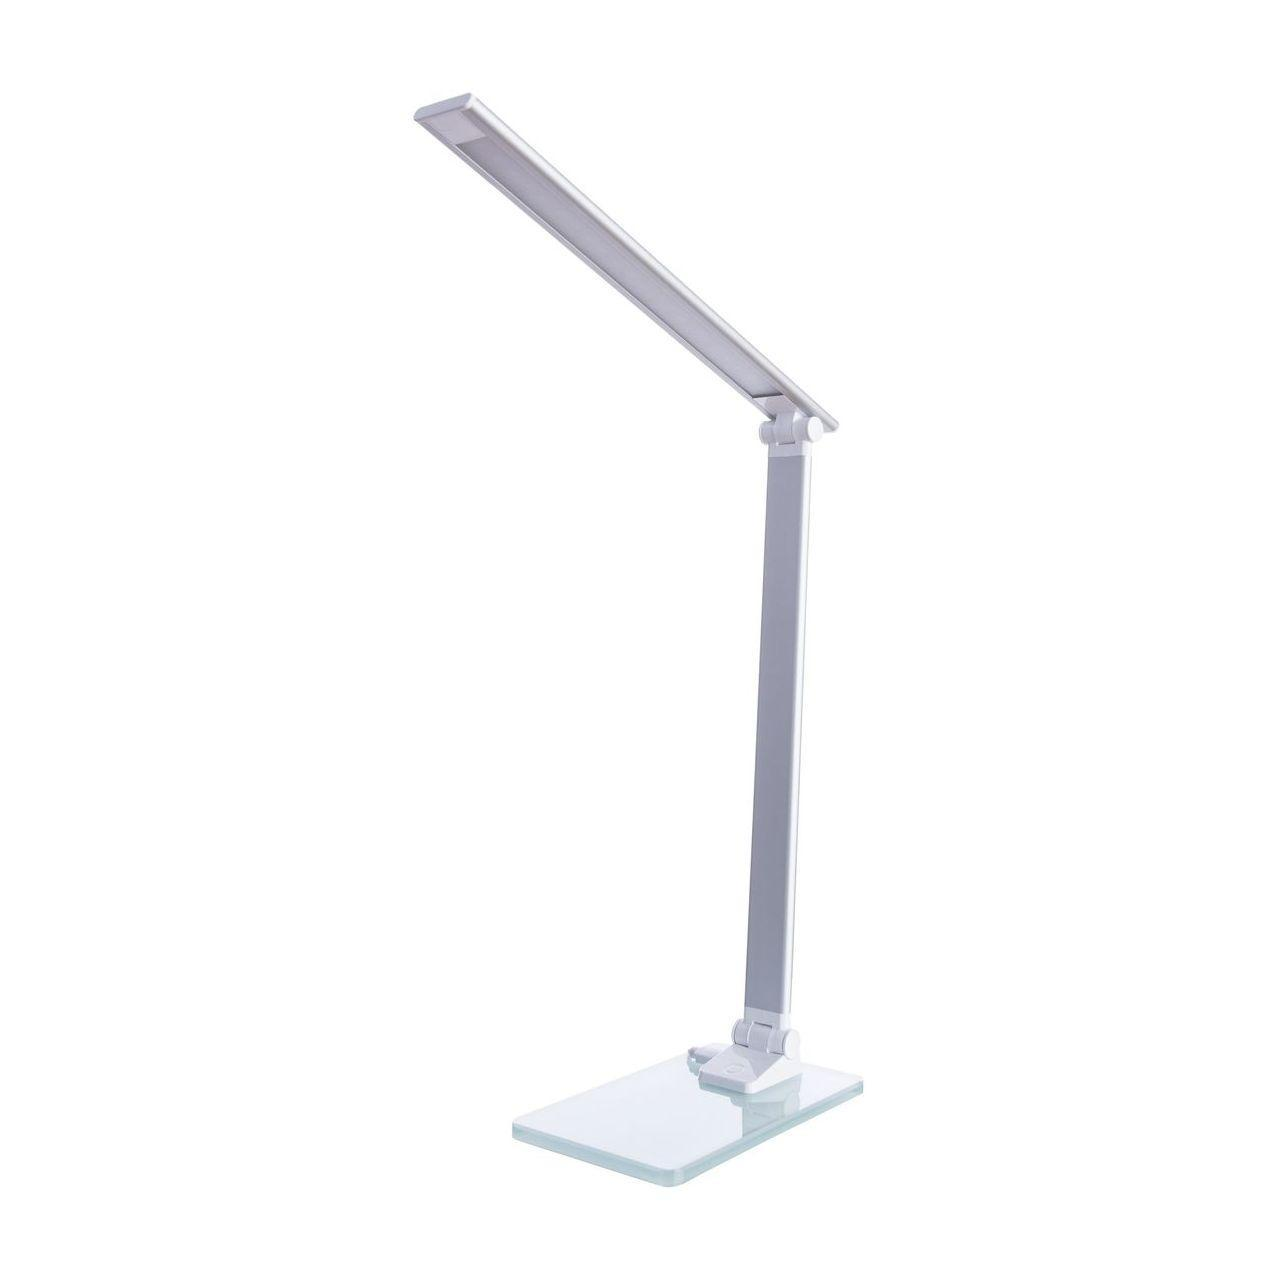 Настольный светильник Arte Lamp A1116LT-1WH, белый светильник настольный arte lamp sphere a6020lt 1wh 4630001047146